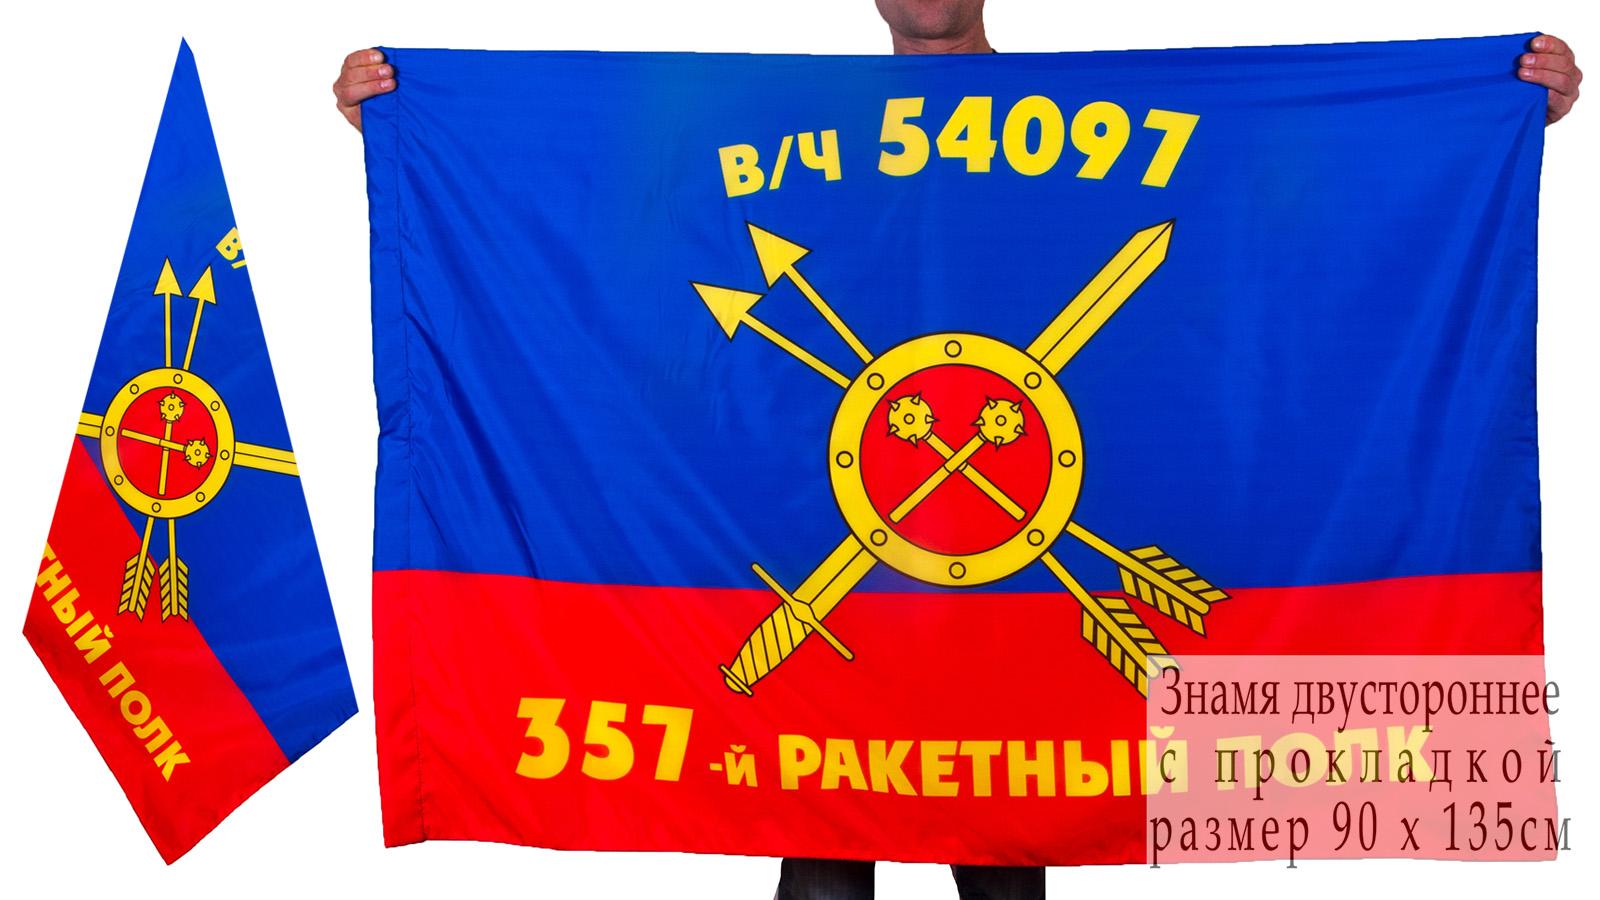 Знамя 357-го ракетного полка РВСН